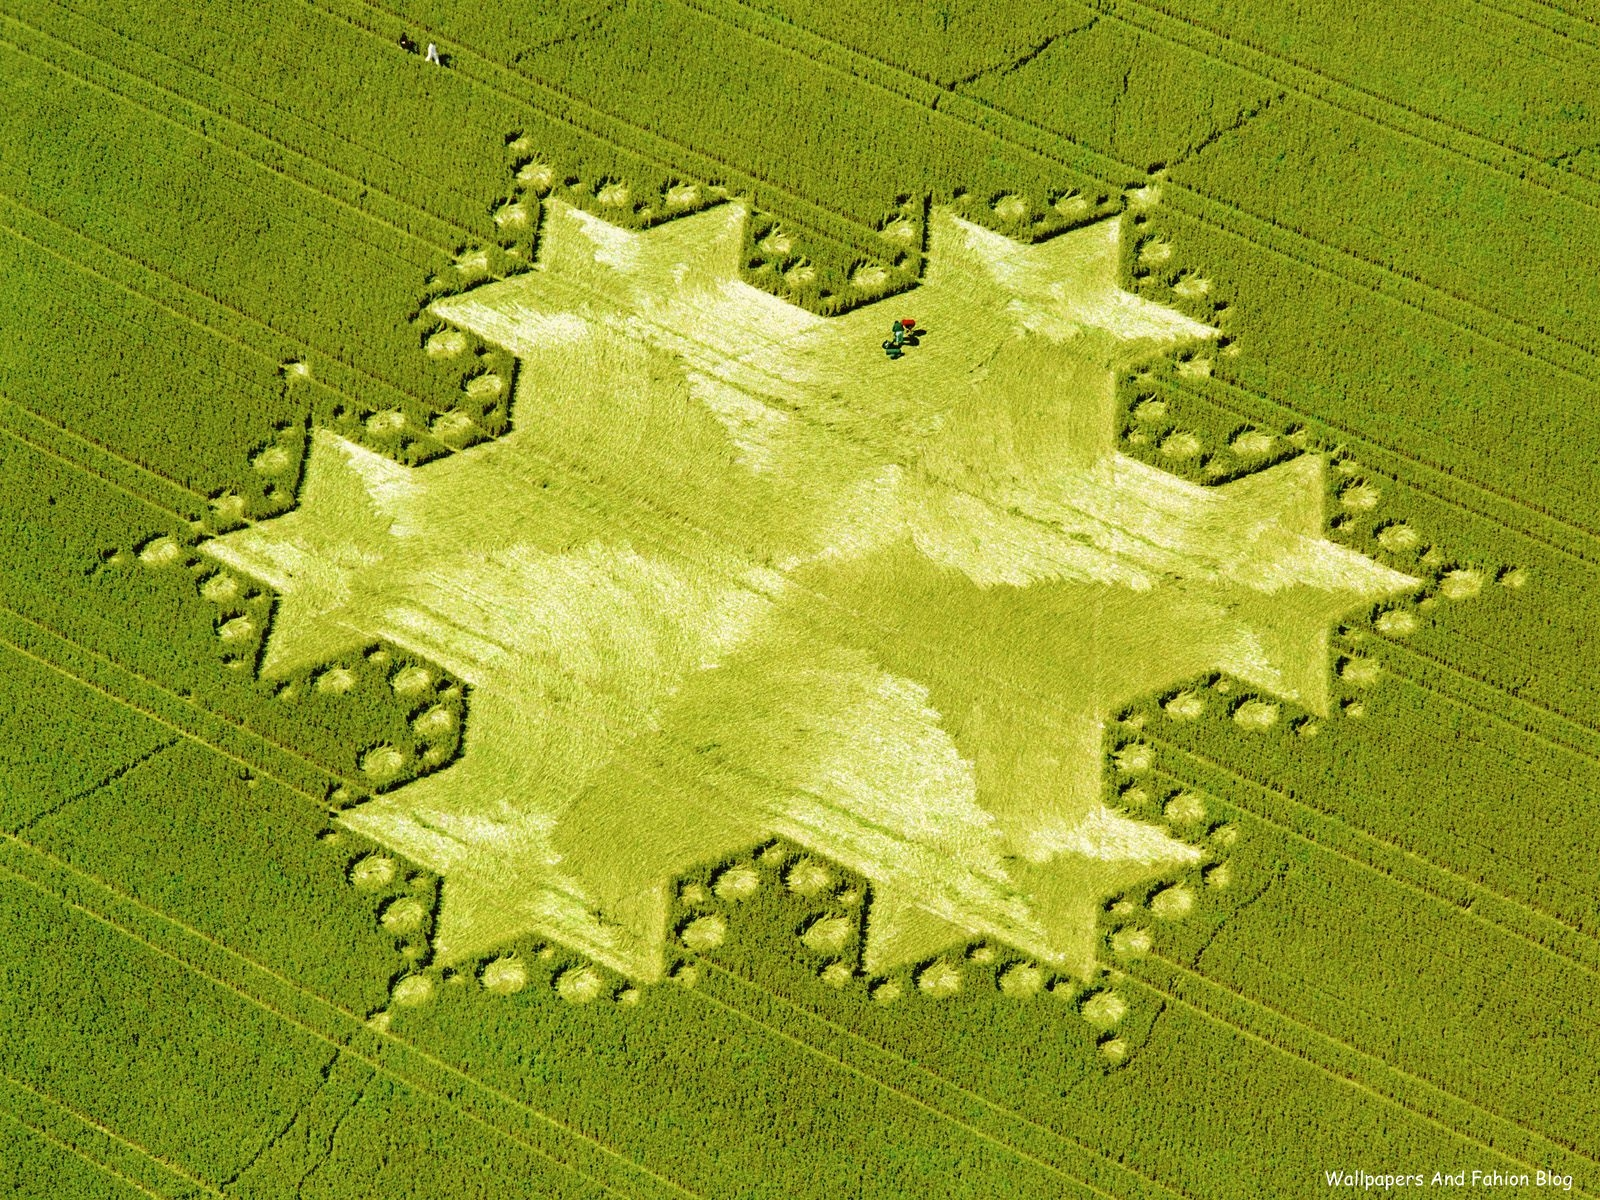 http://3.bp.blogspot.com/-6nIMOb9dn2c/TpjfWJDJr0I/AAAAAAAACsA/hPCuuSrLERs/s1600/Koch+Snowflake%252C+Silbury+Hill%252C+England%252C+1997.jpg